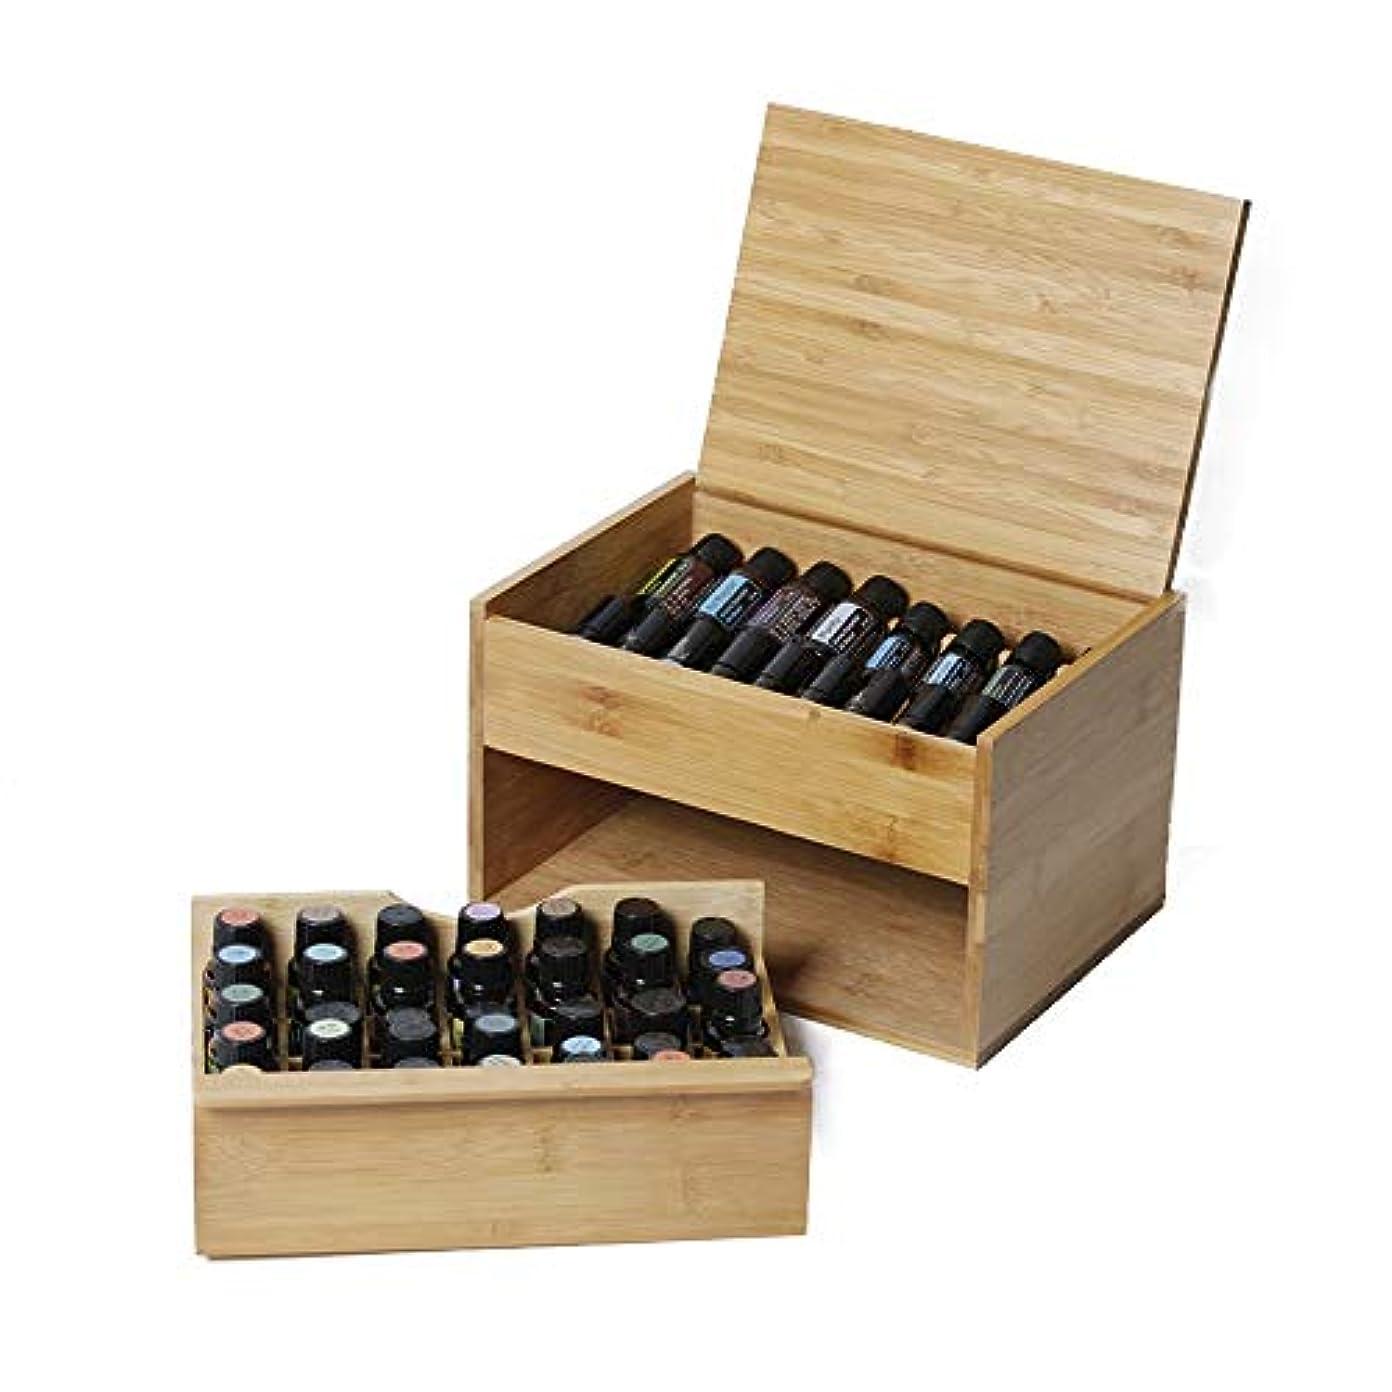 注入繊毛安全なエッセンシャルオイルの保管 2ティアエッセンシャルオイルストレージボックス主催者は53の5?15ミリリットル油のボトルを保持します (色 : Natural, サイズ : 26.3X18.8X16CM)